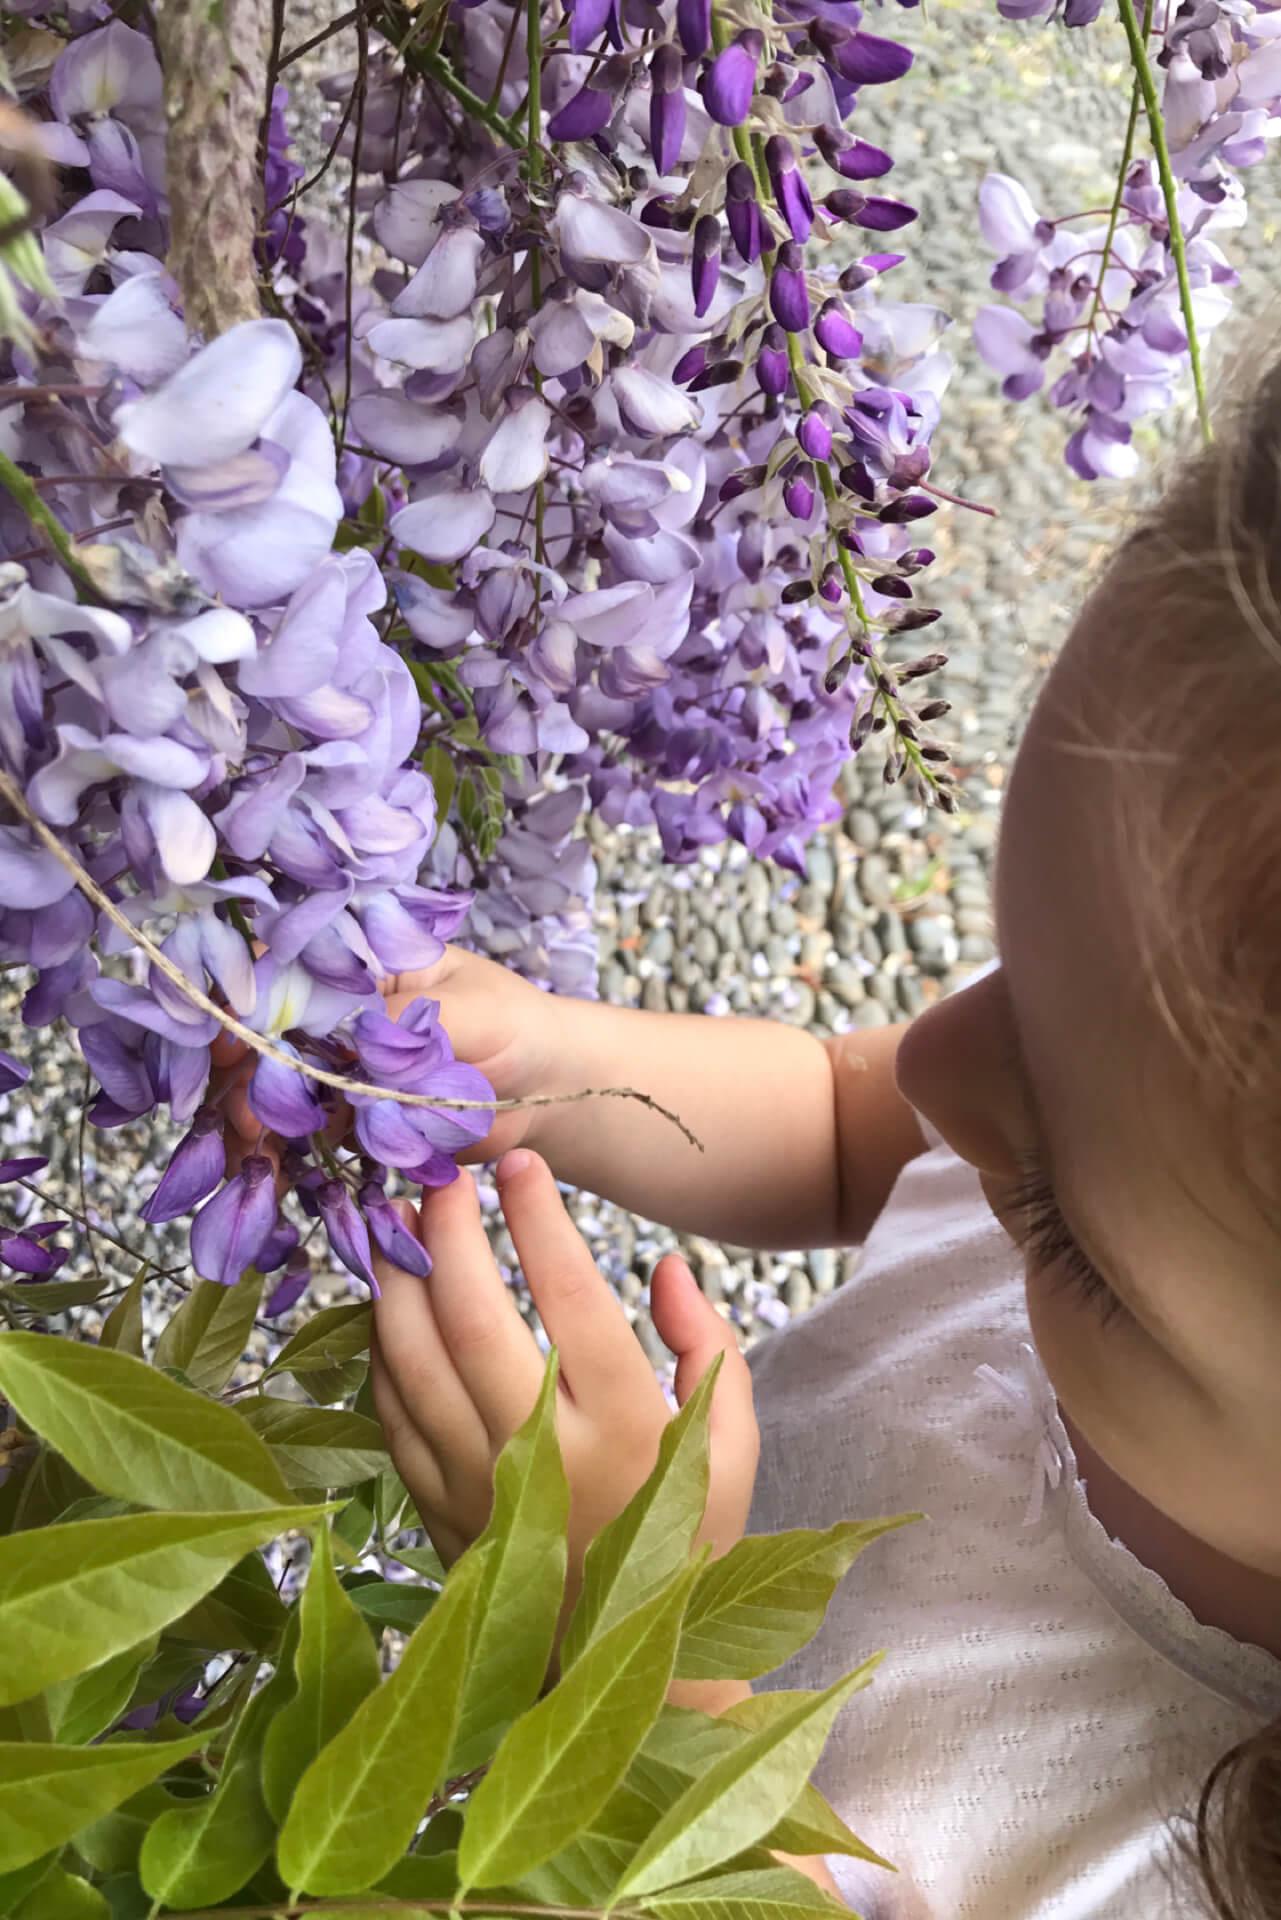 Criança a tocar e sentir as flores lilás. Chão de calçada típica madeirense.